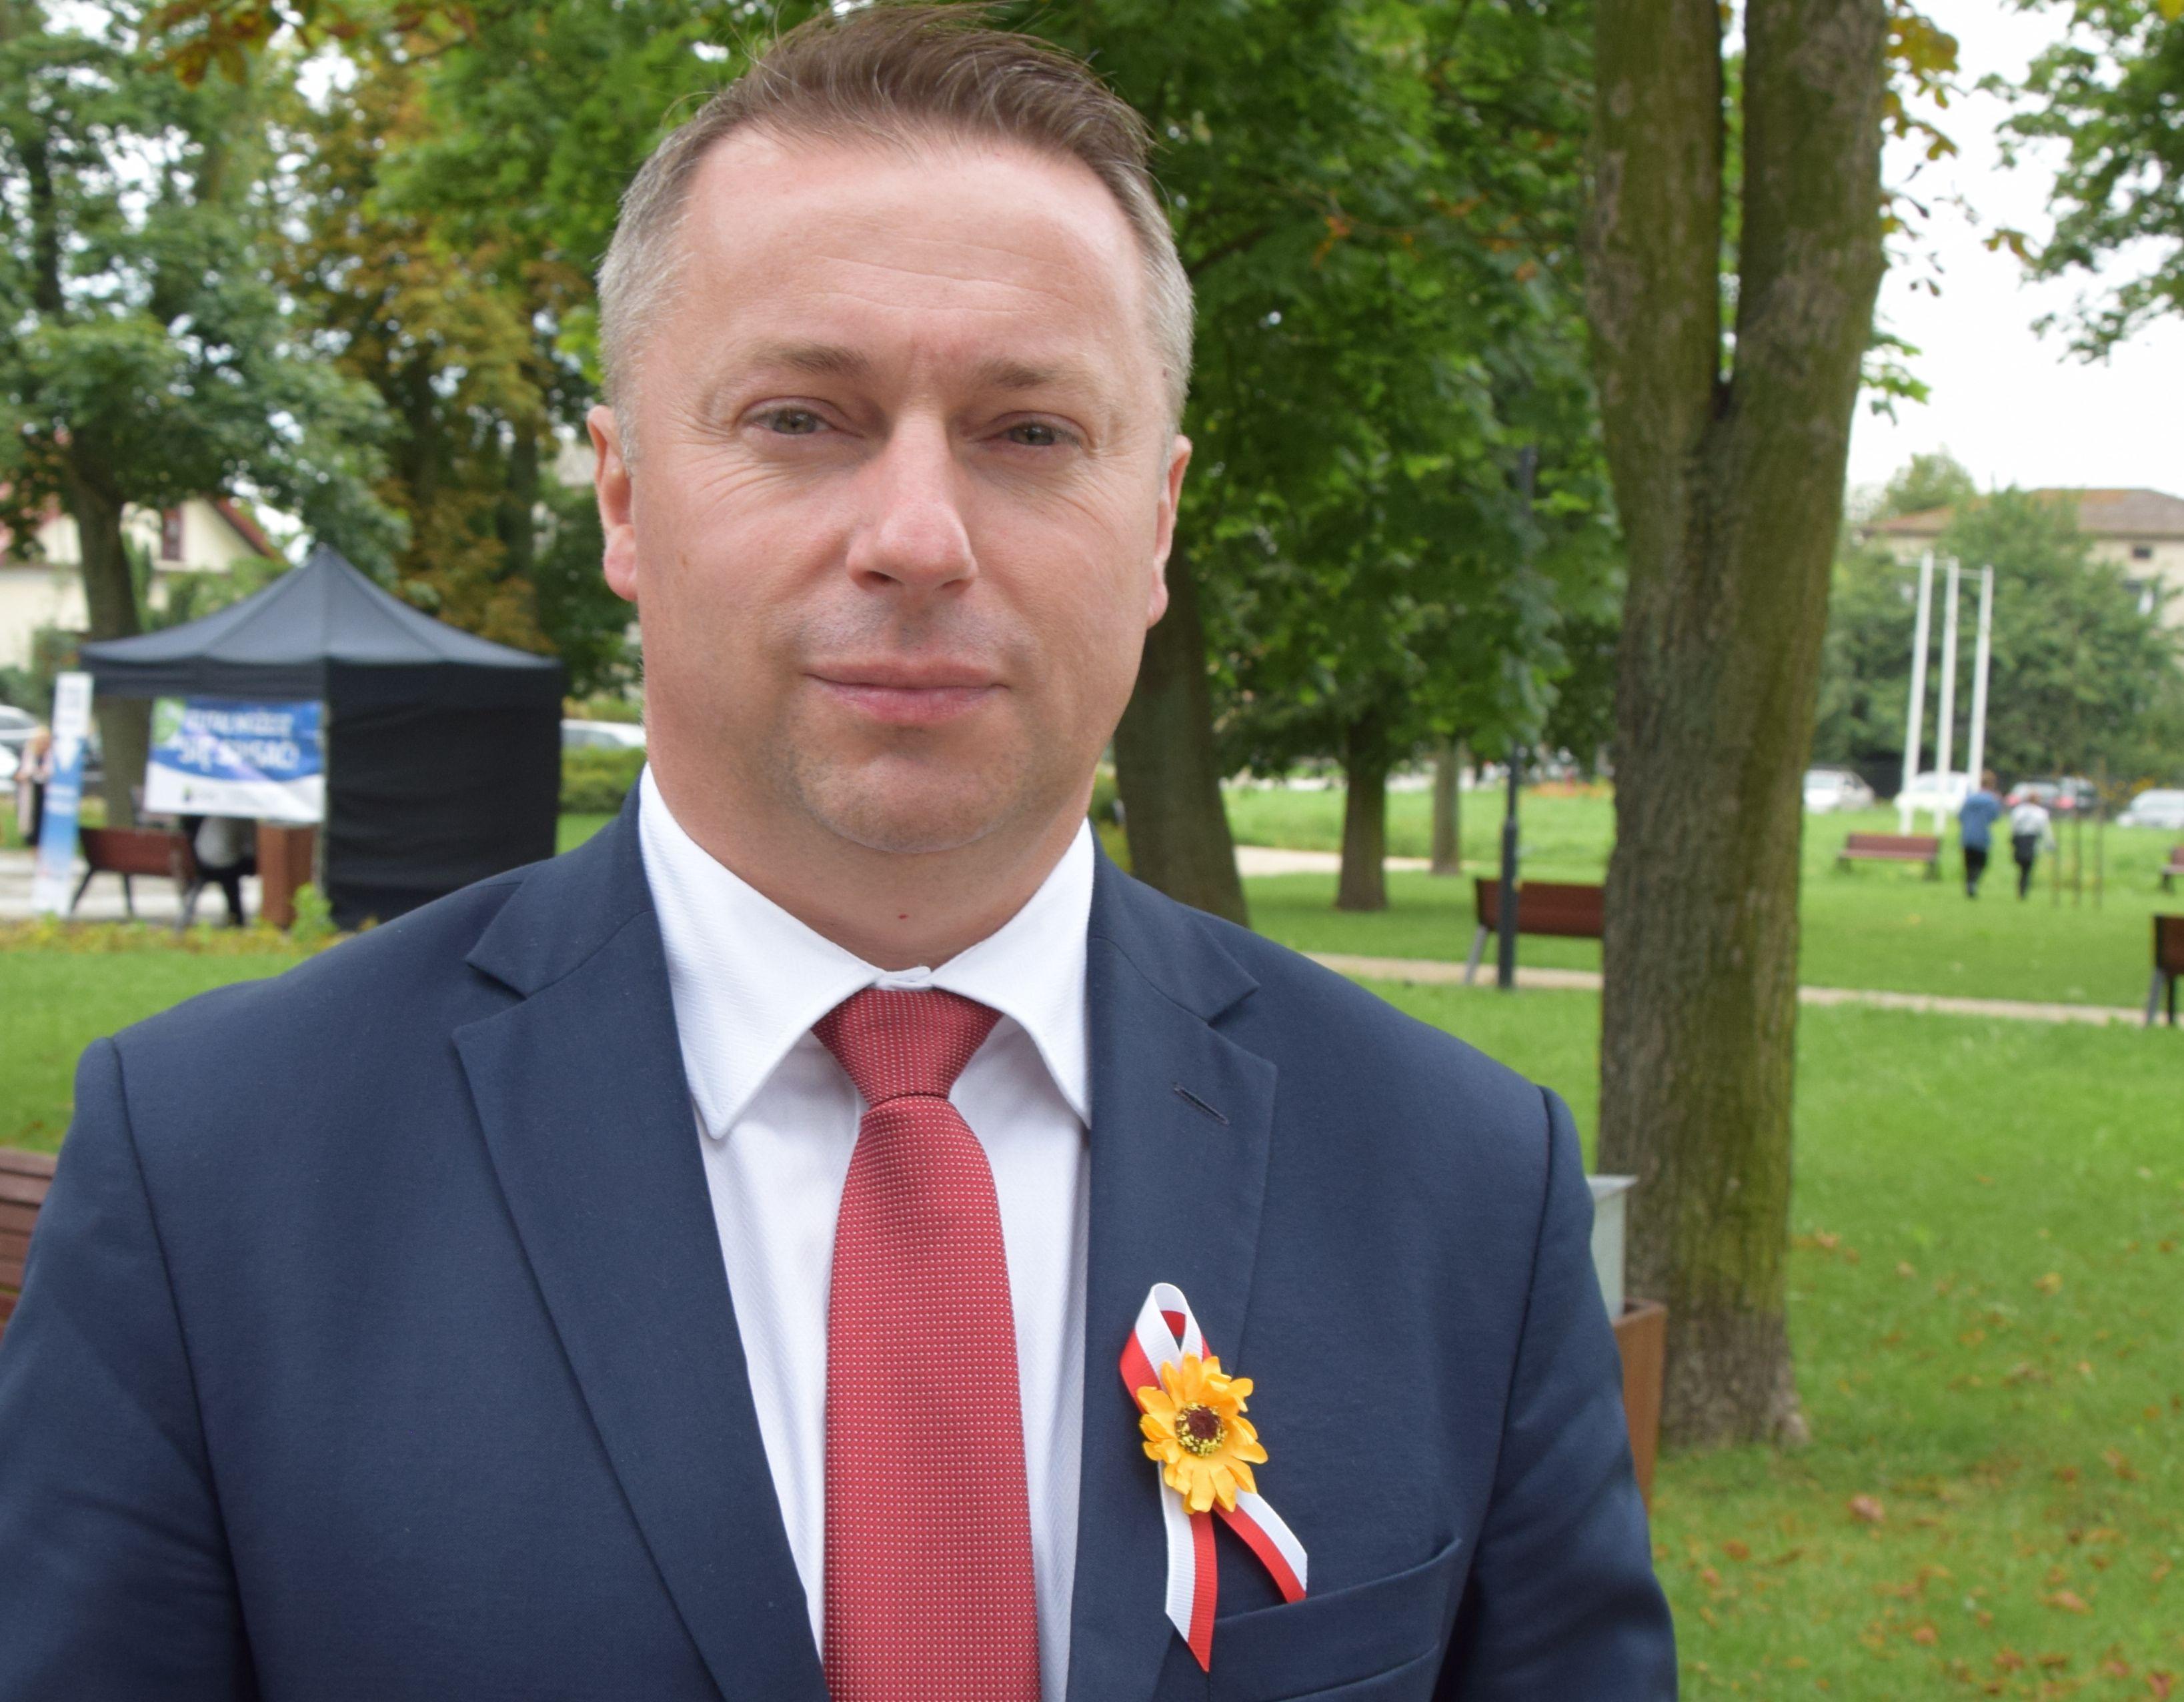 Burmistrz Łęcznej: Niech każdy z mieszkańców oceni, czy jest to prawe i sprawiedliwe - Zdjęcie główne